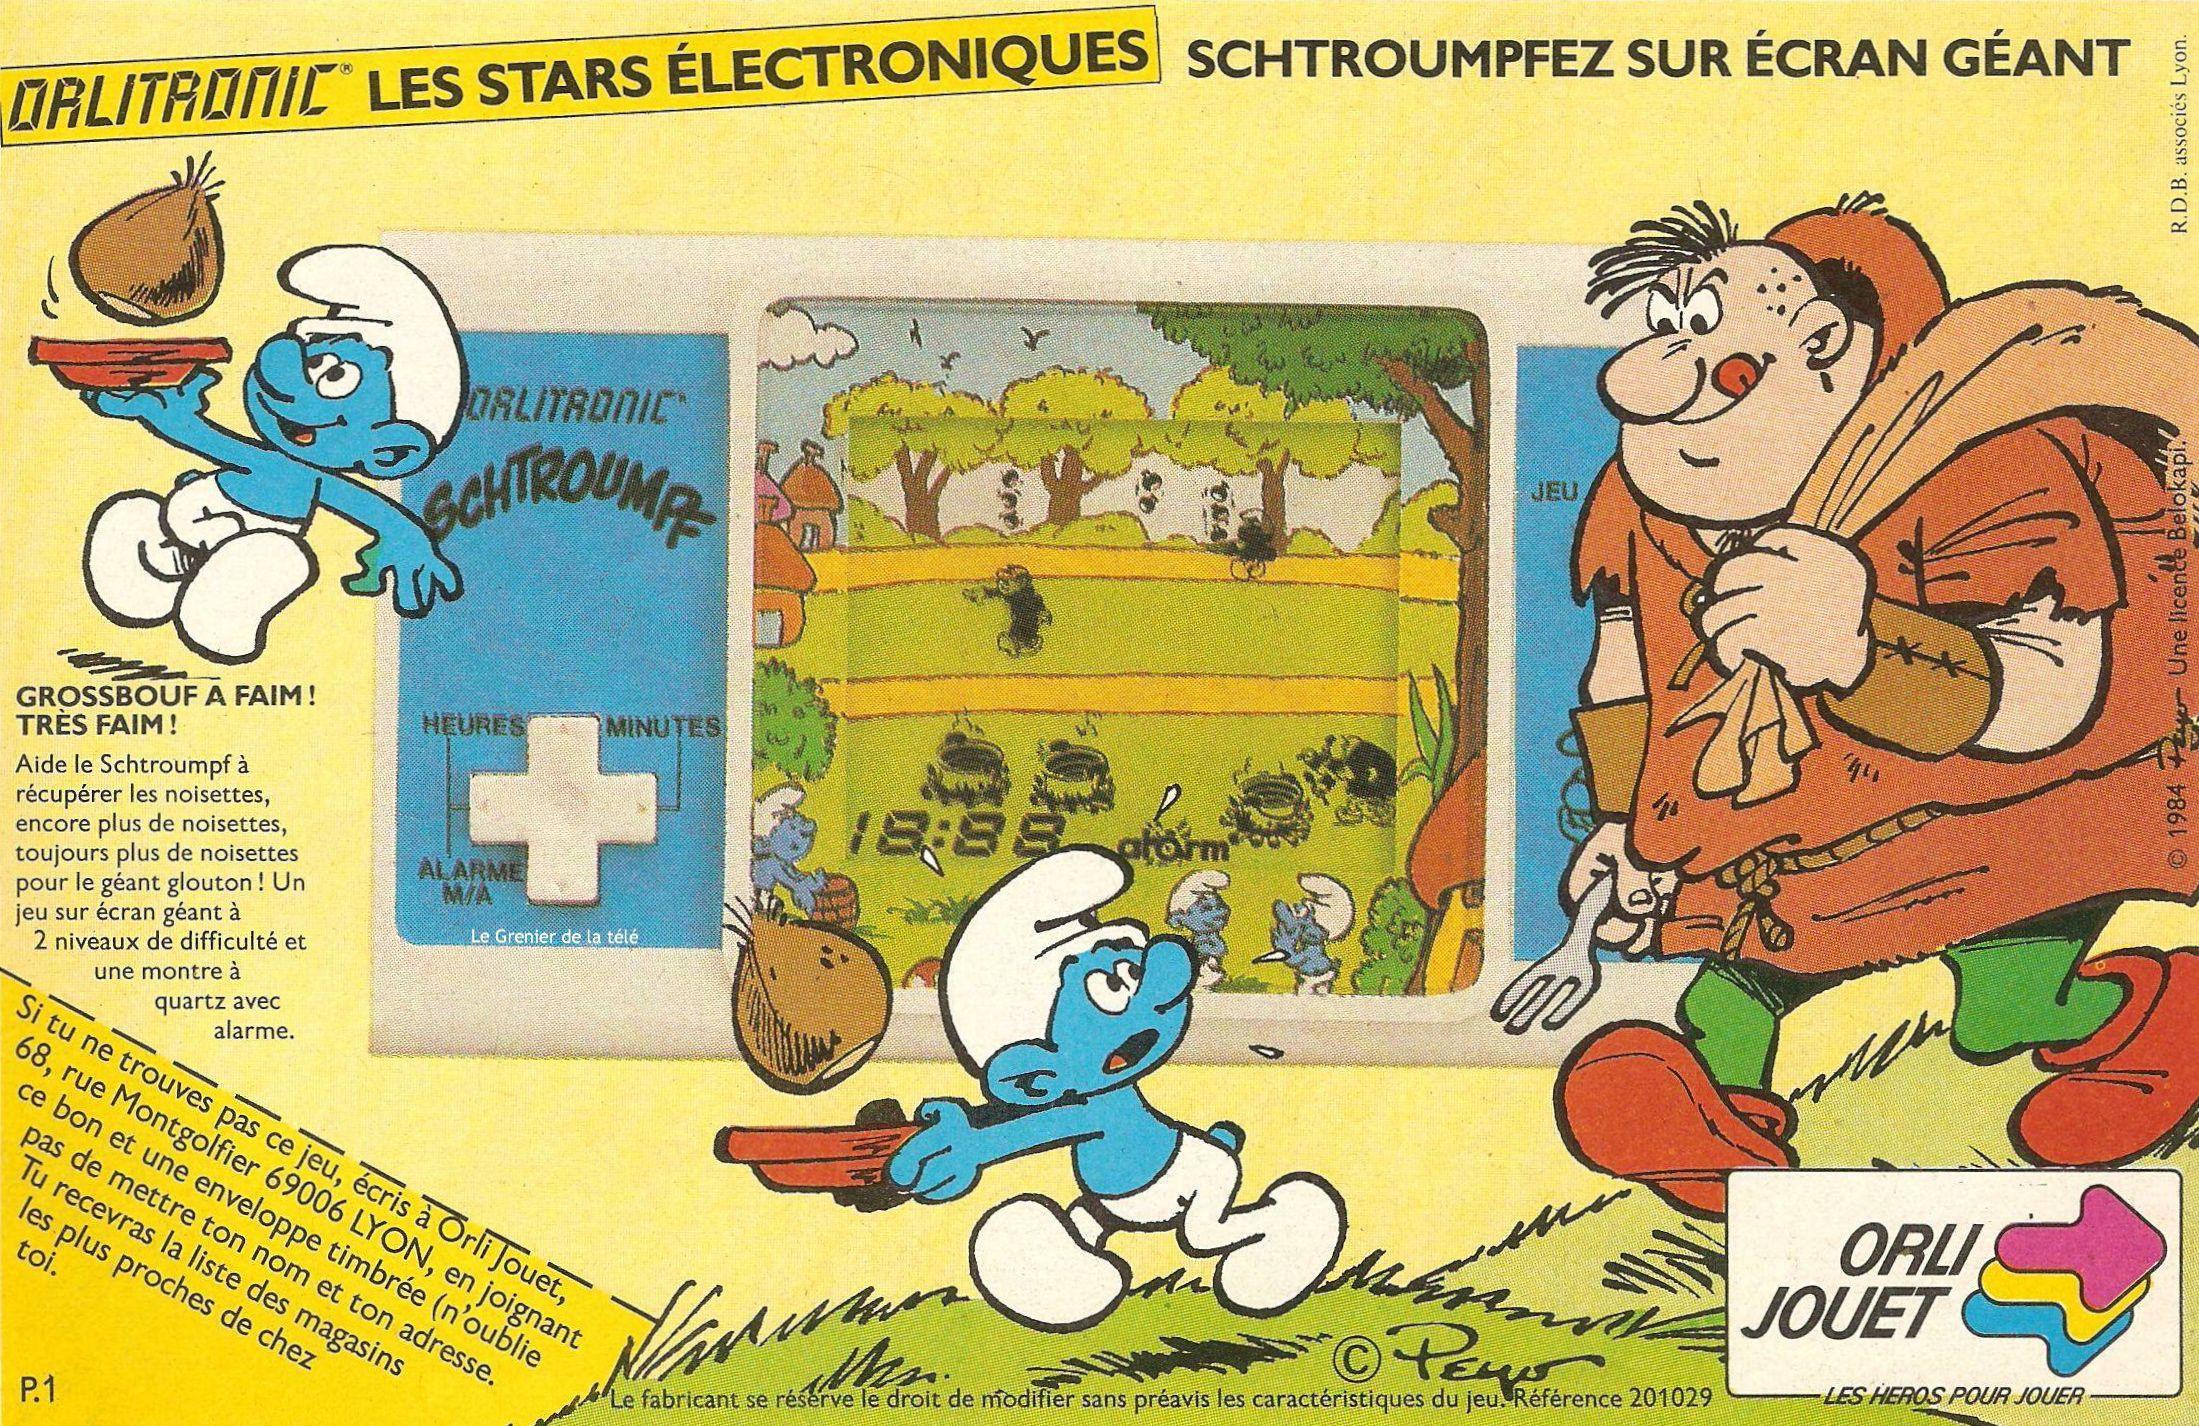 http://grenierdelatv.free.fr/schtroumpfsorlitronicjanvier1985.jpg